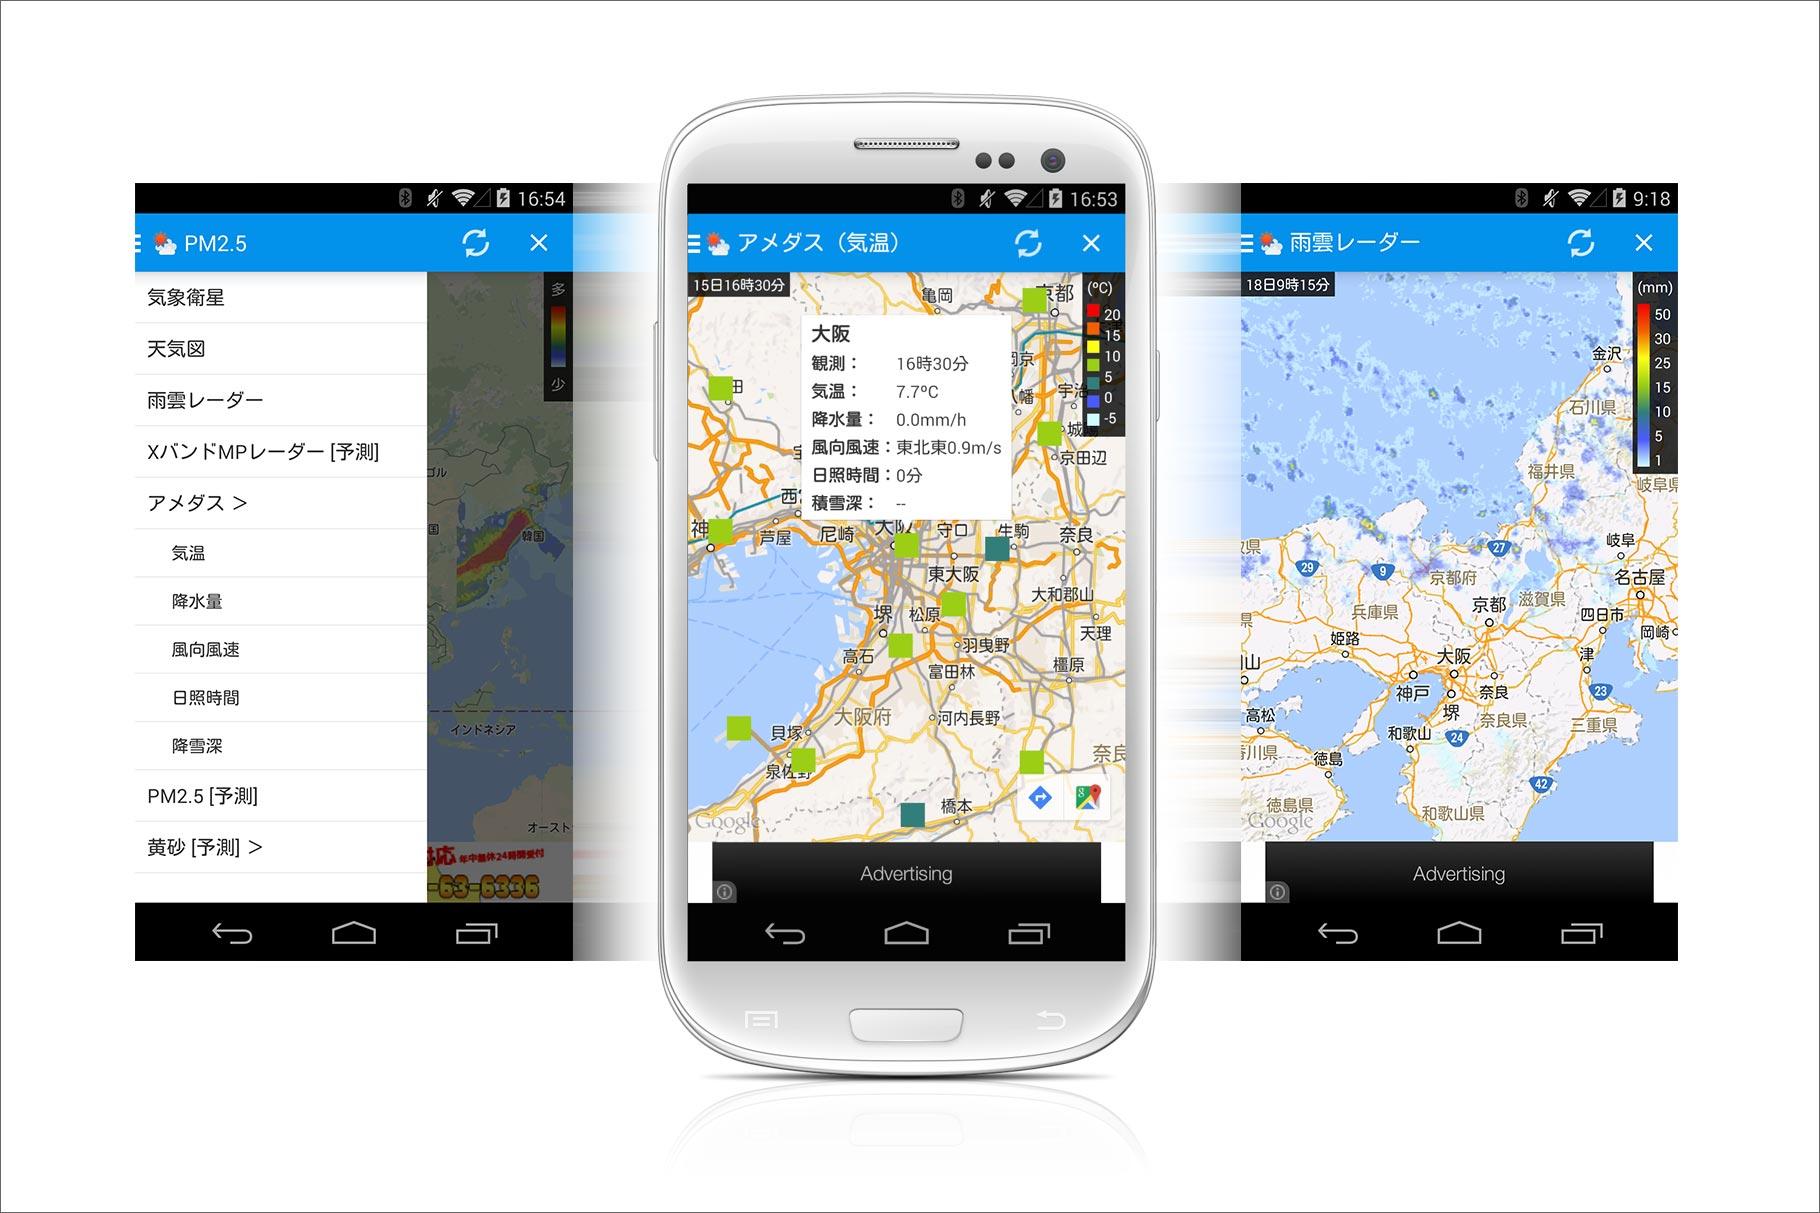 Android版そら案内の天気画像表示メニューと各表示